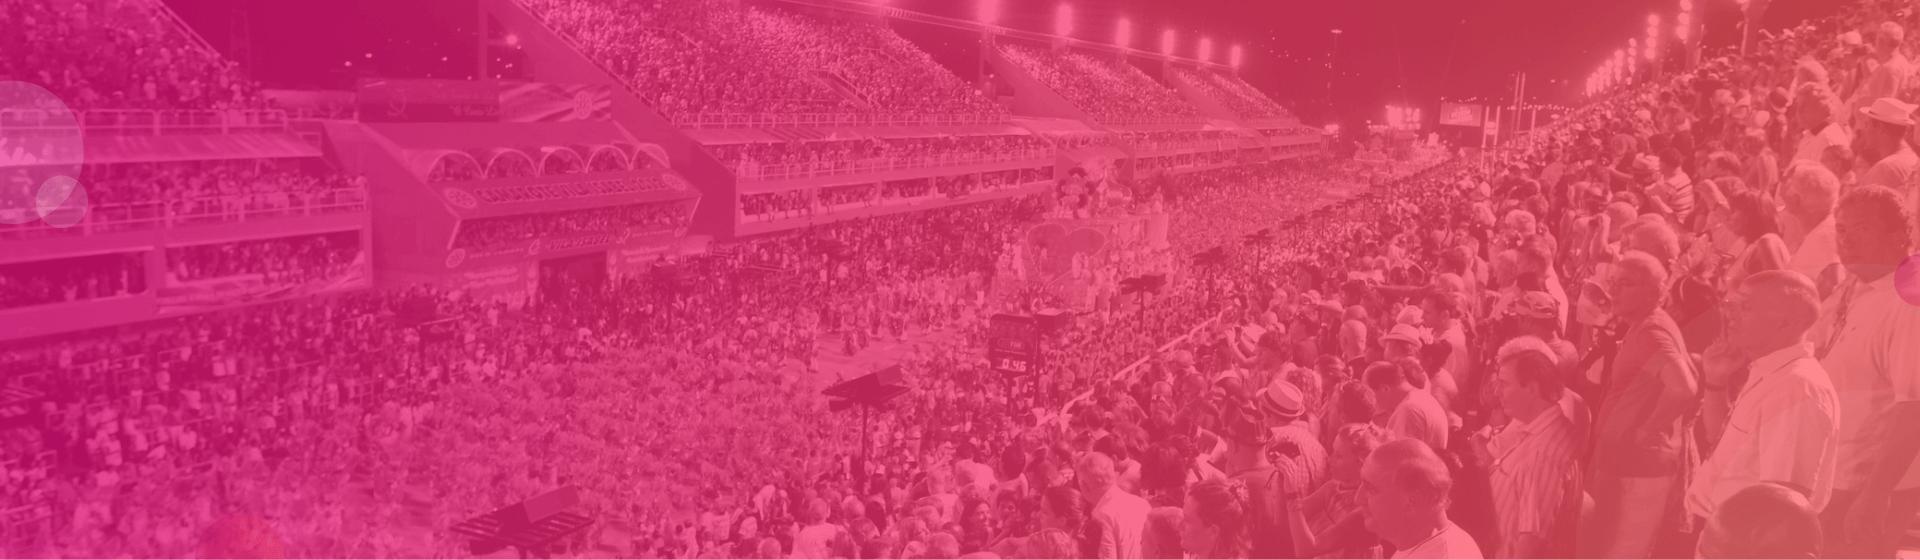 Scegliere i Migliori Biglietti del Carnevale di Rio